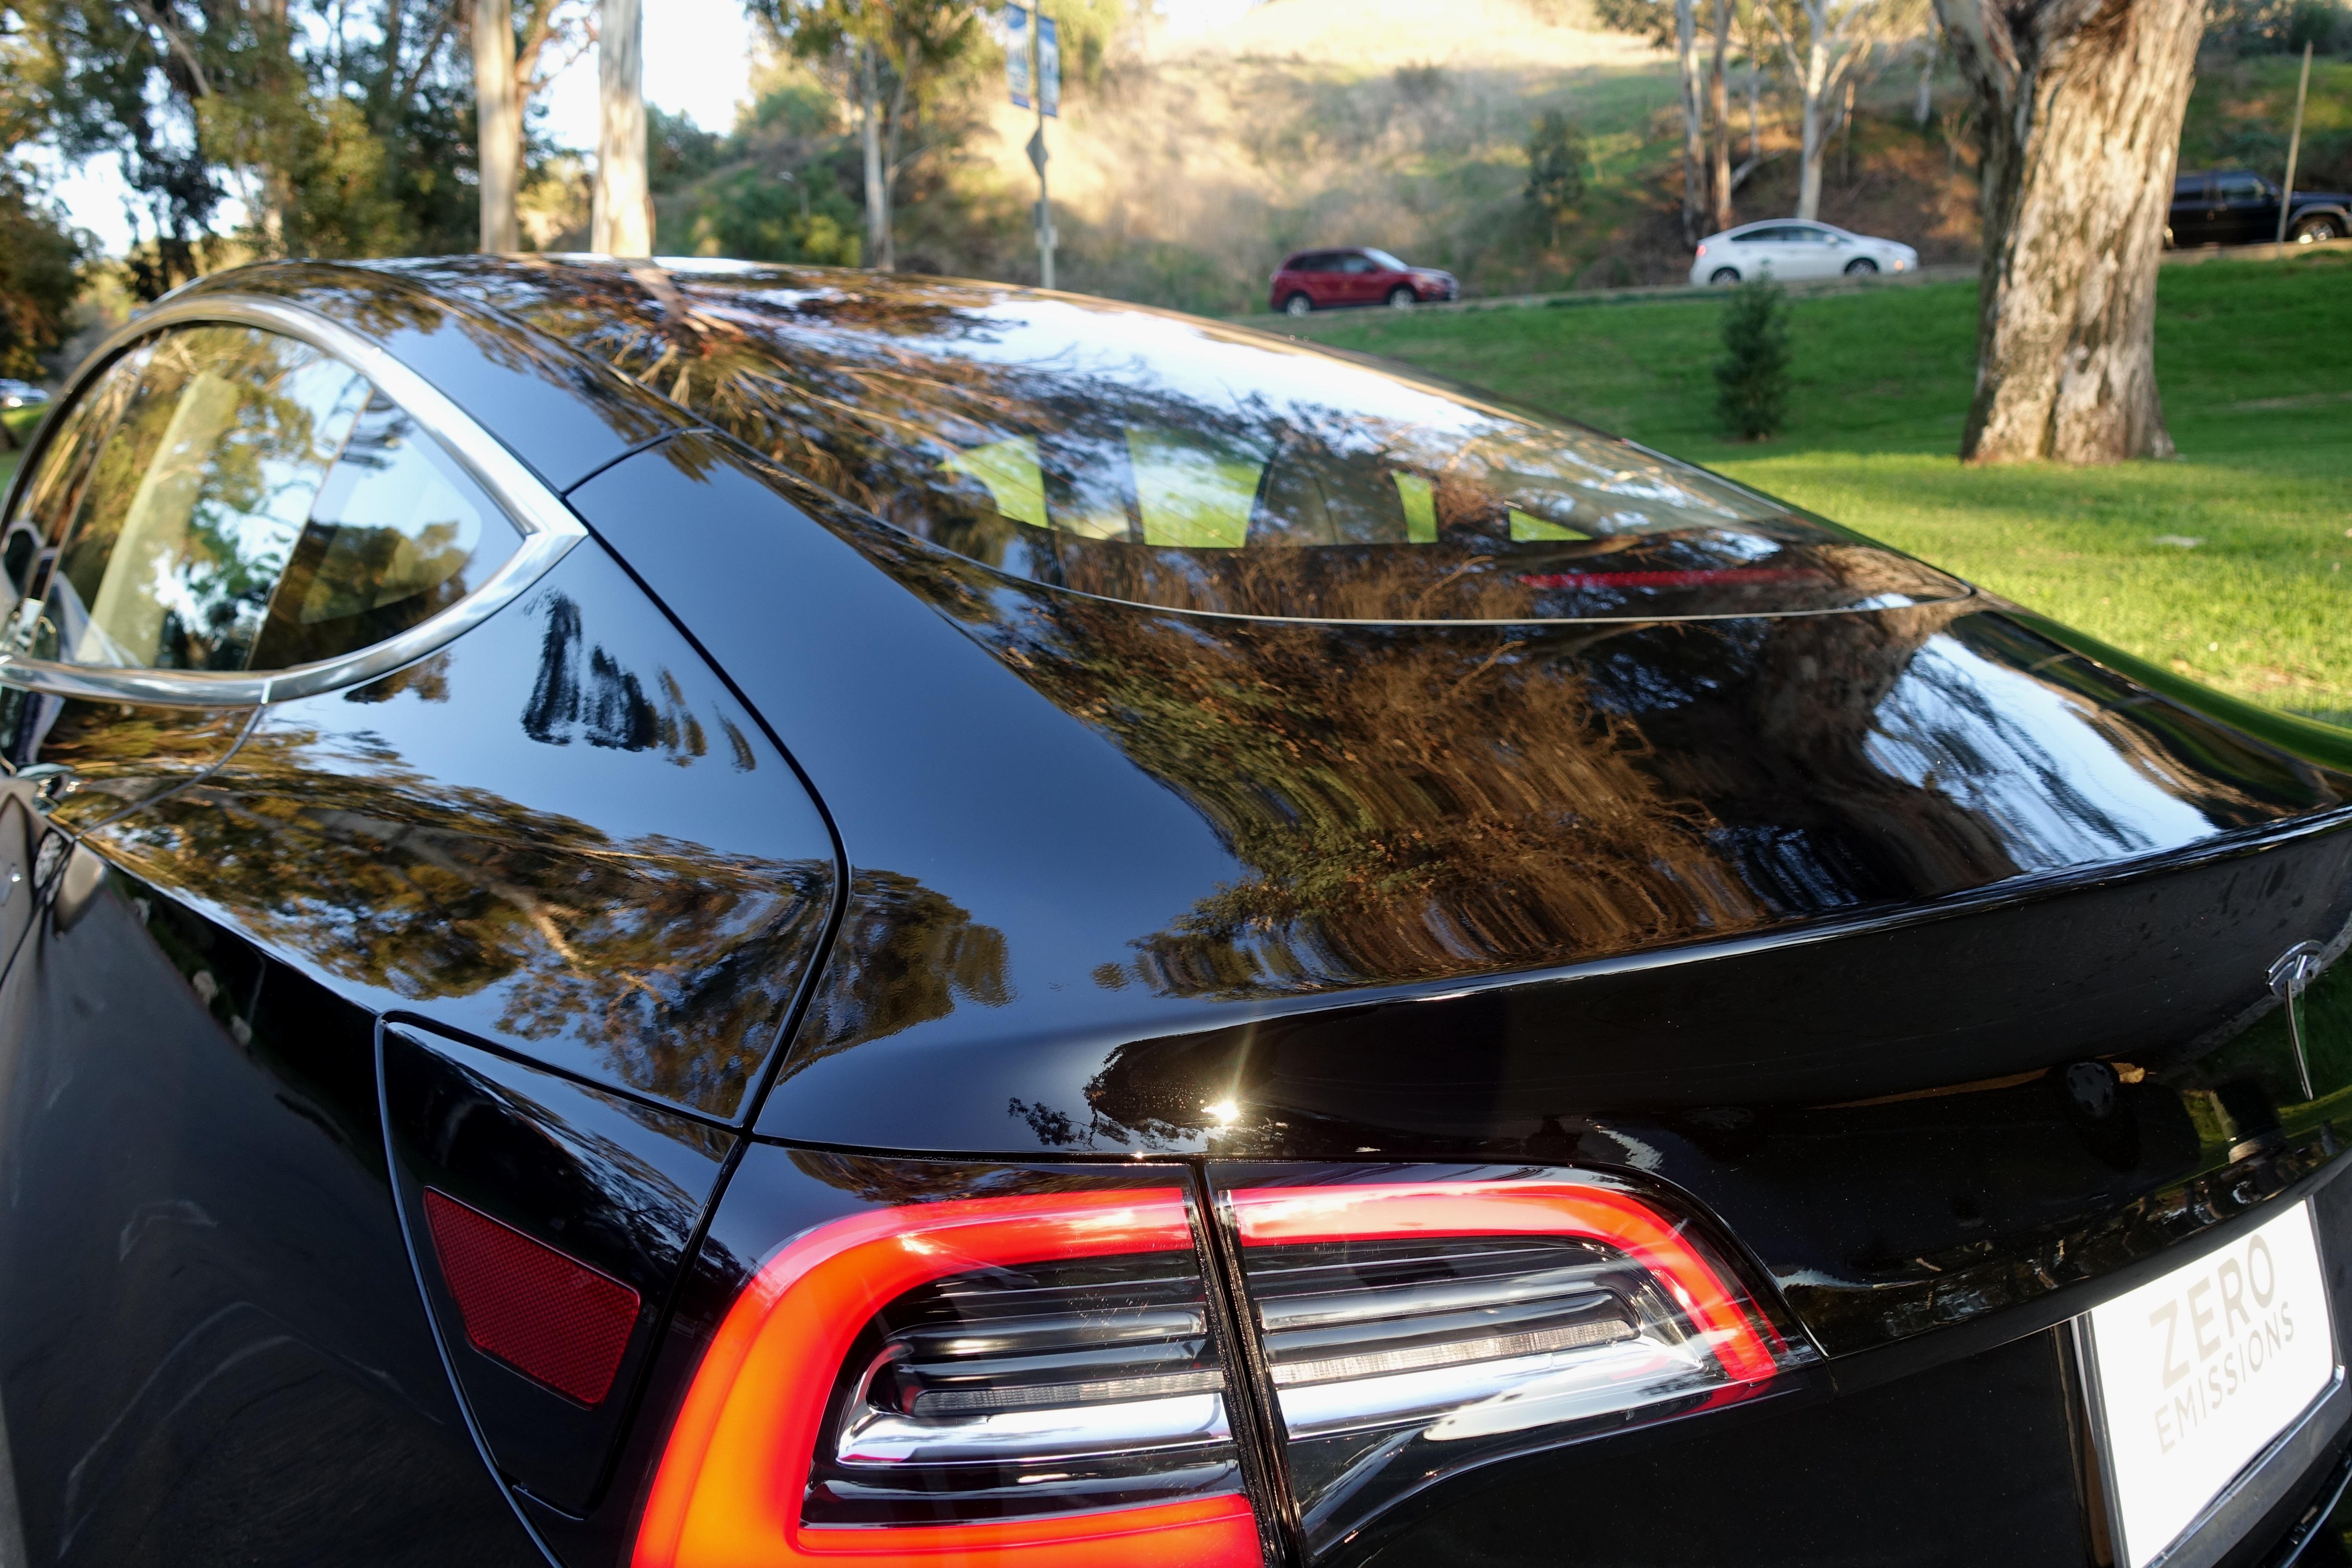 Det gjennomsiktige panelet som strekker seg over hele toppdelen er en helt naturlig del av designet, og gir en fin opplevelse inne i bilen.